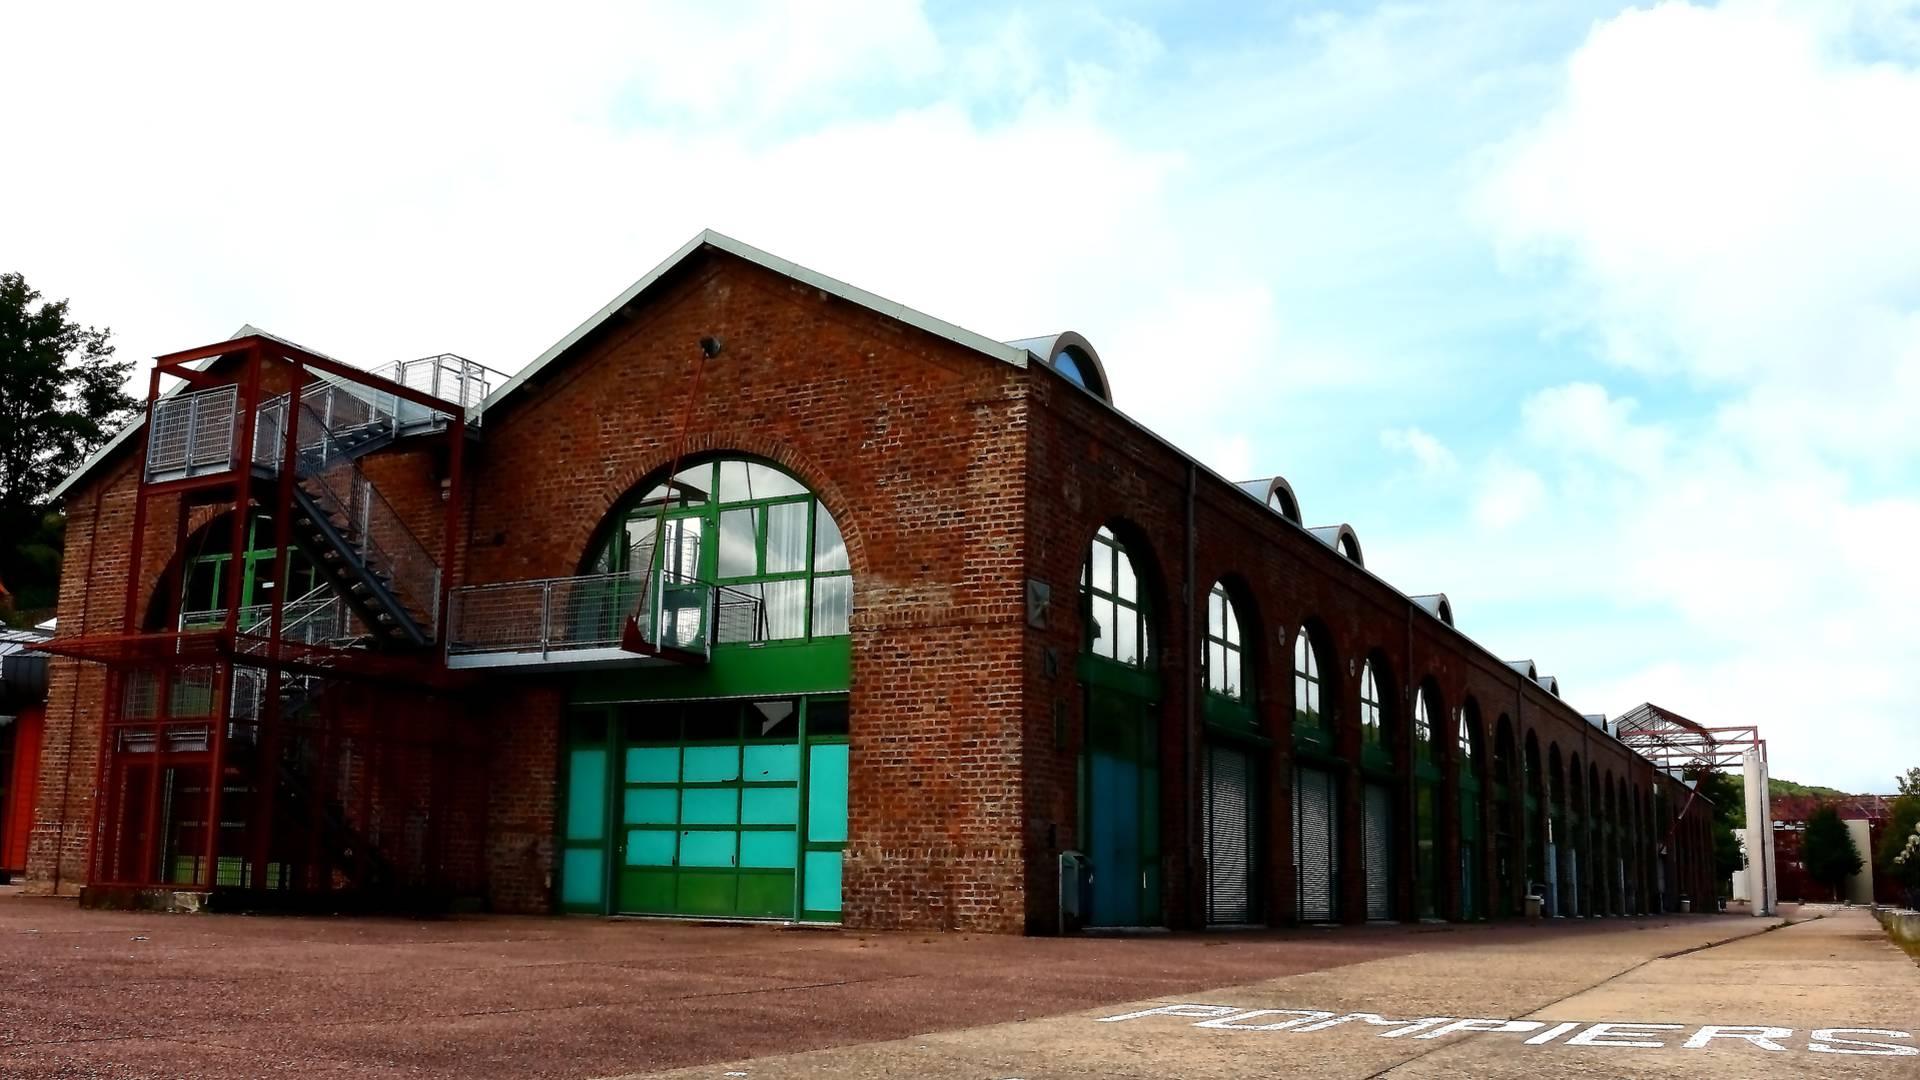 Anciens ateliers abritant le centre universitaire Condorcet, à l'emplacement de l'ancienne fonderie royale, Le Creusot. © Cyrille Dinant.